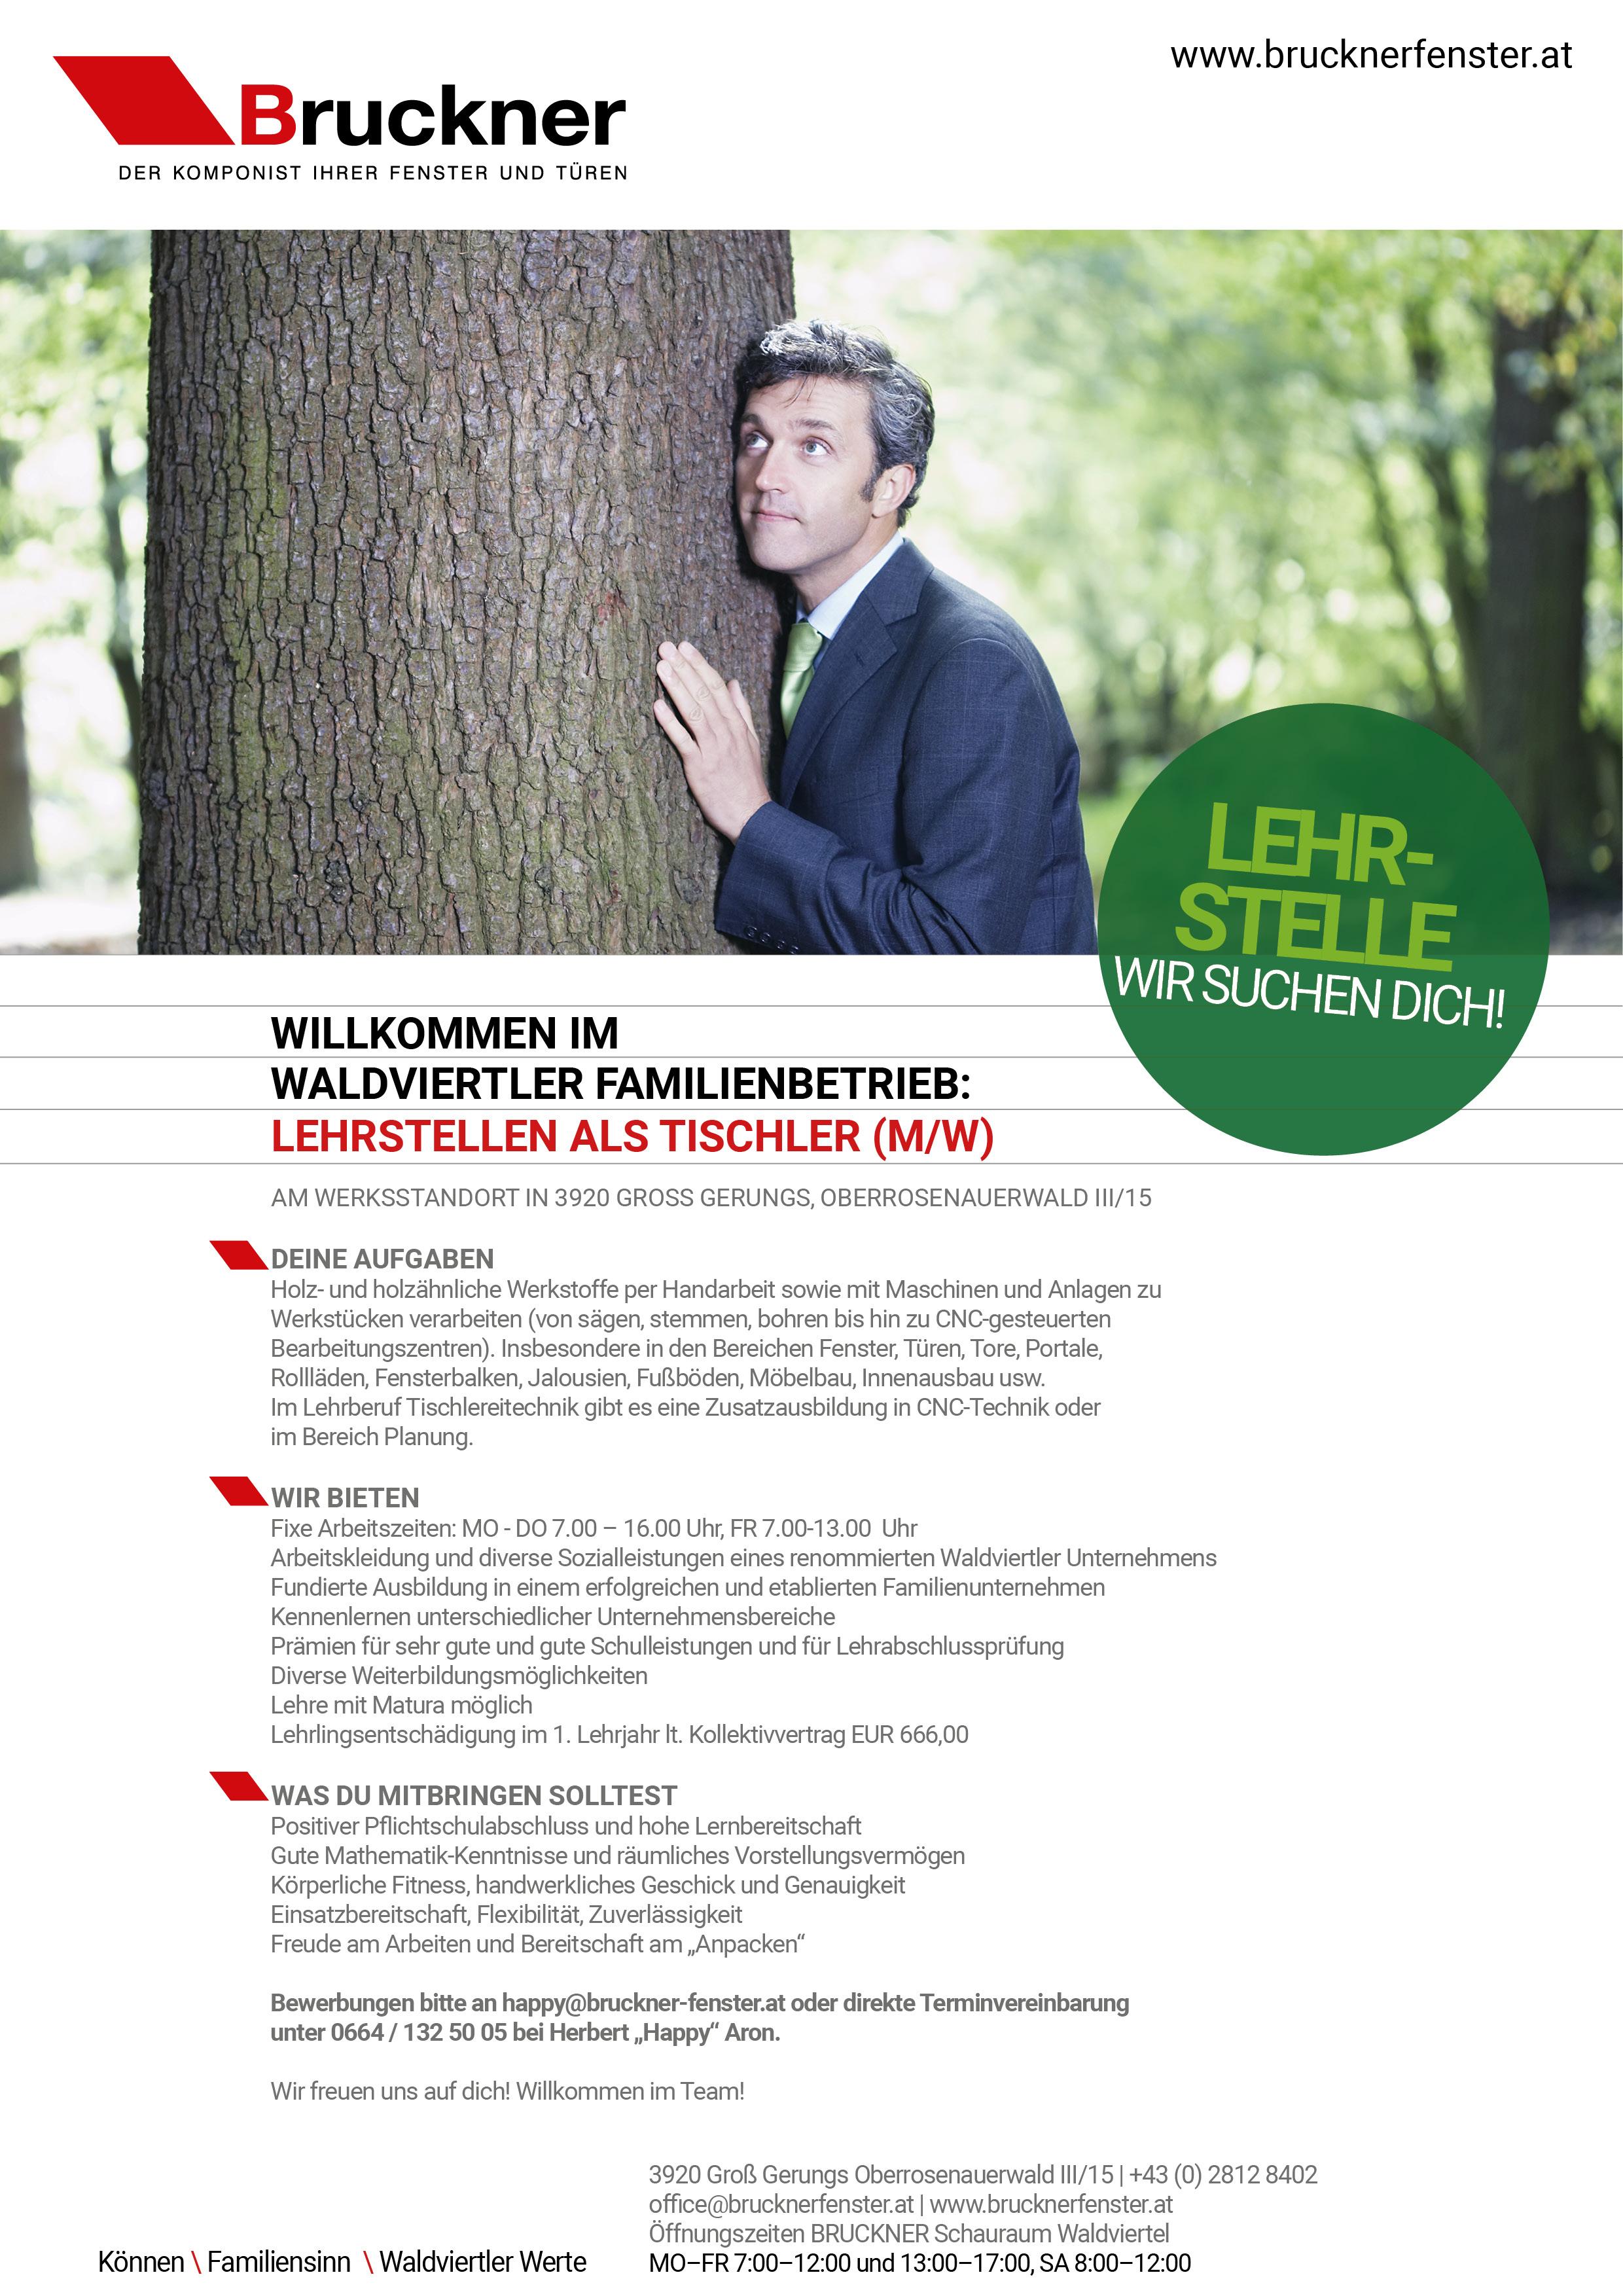 Bruckner Fenster und Türen GmbH Lehrstelle Lehrling